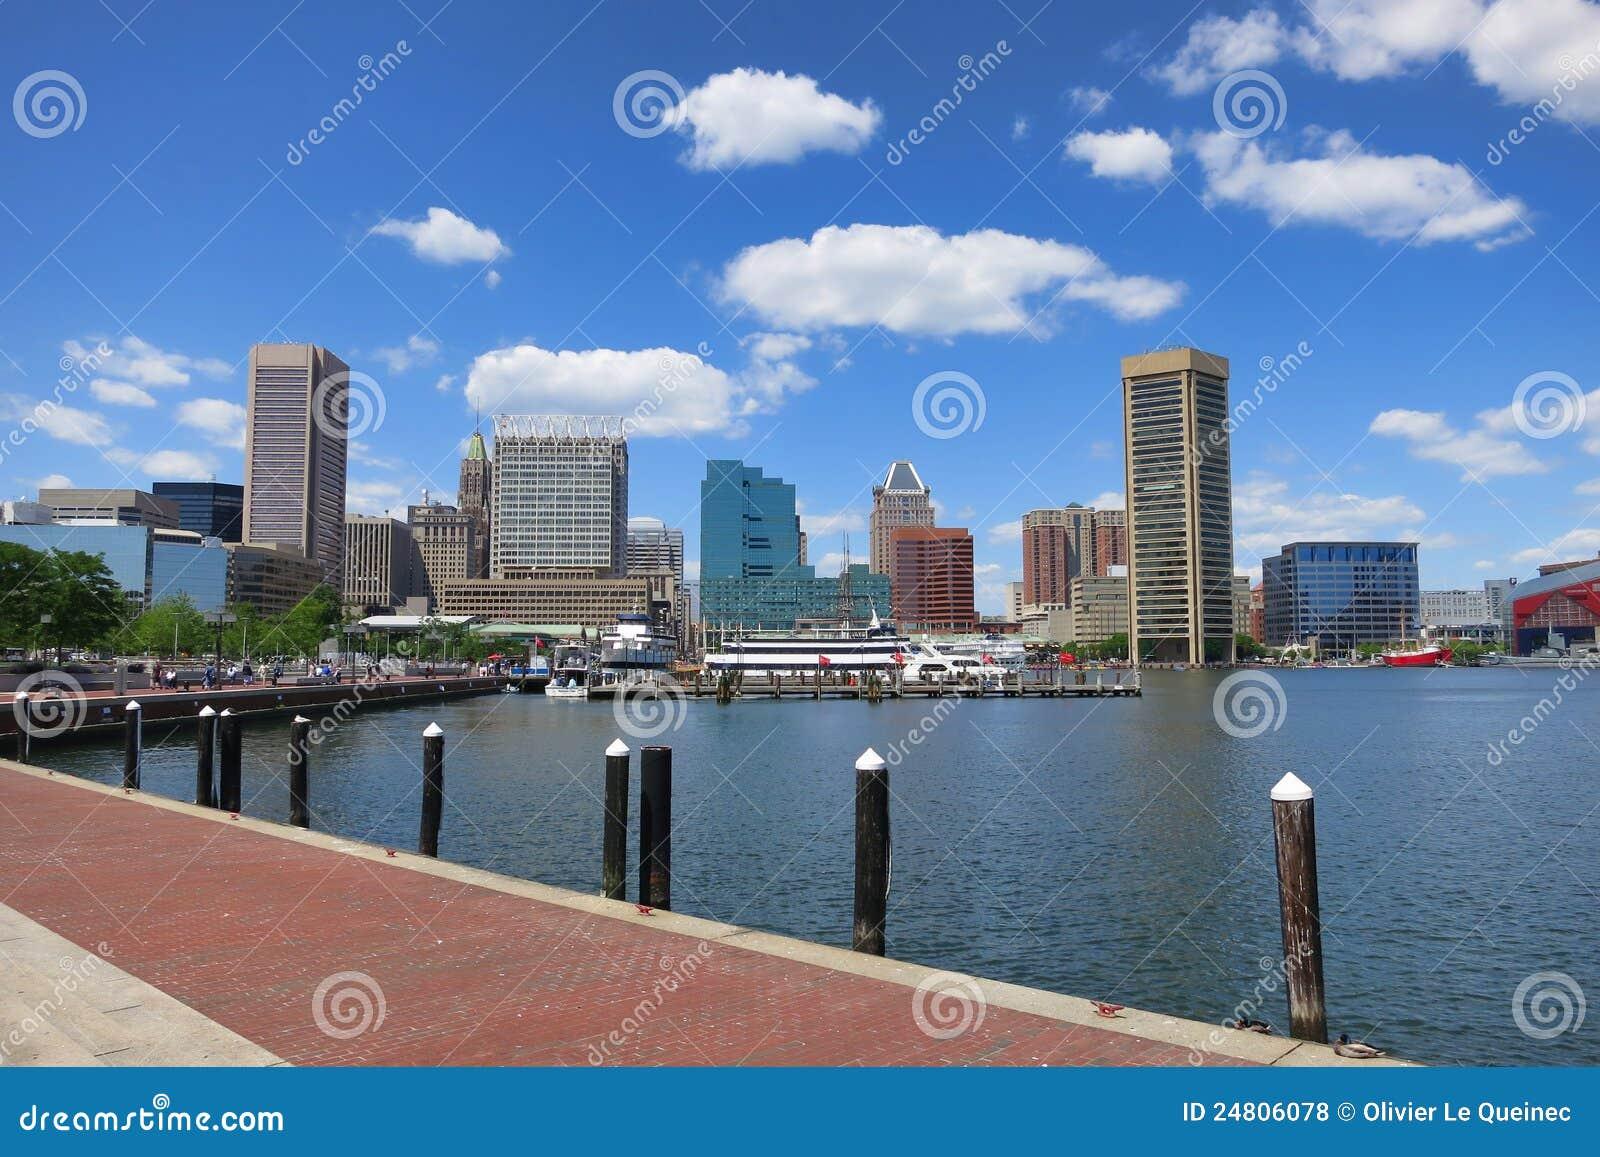 Innerer Hafen-im Stadtzentrum gelegene Skyline Baltimore-Maryland